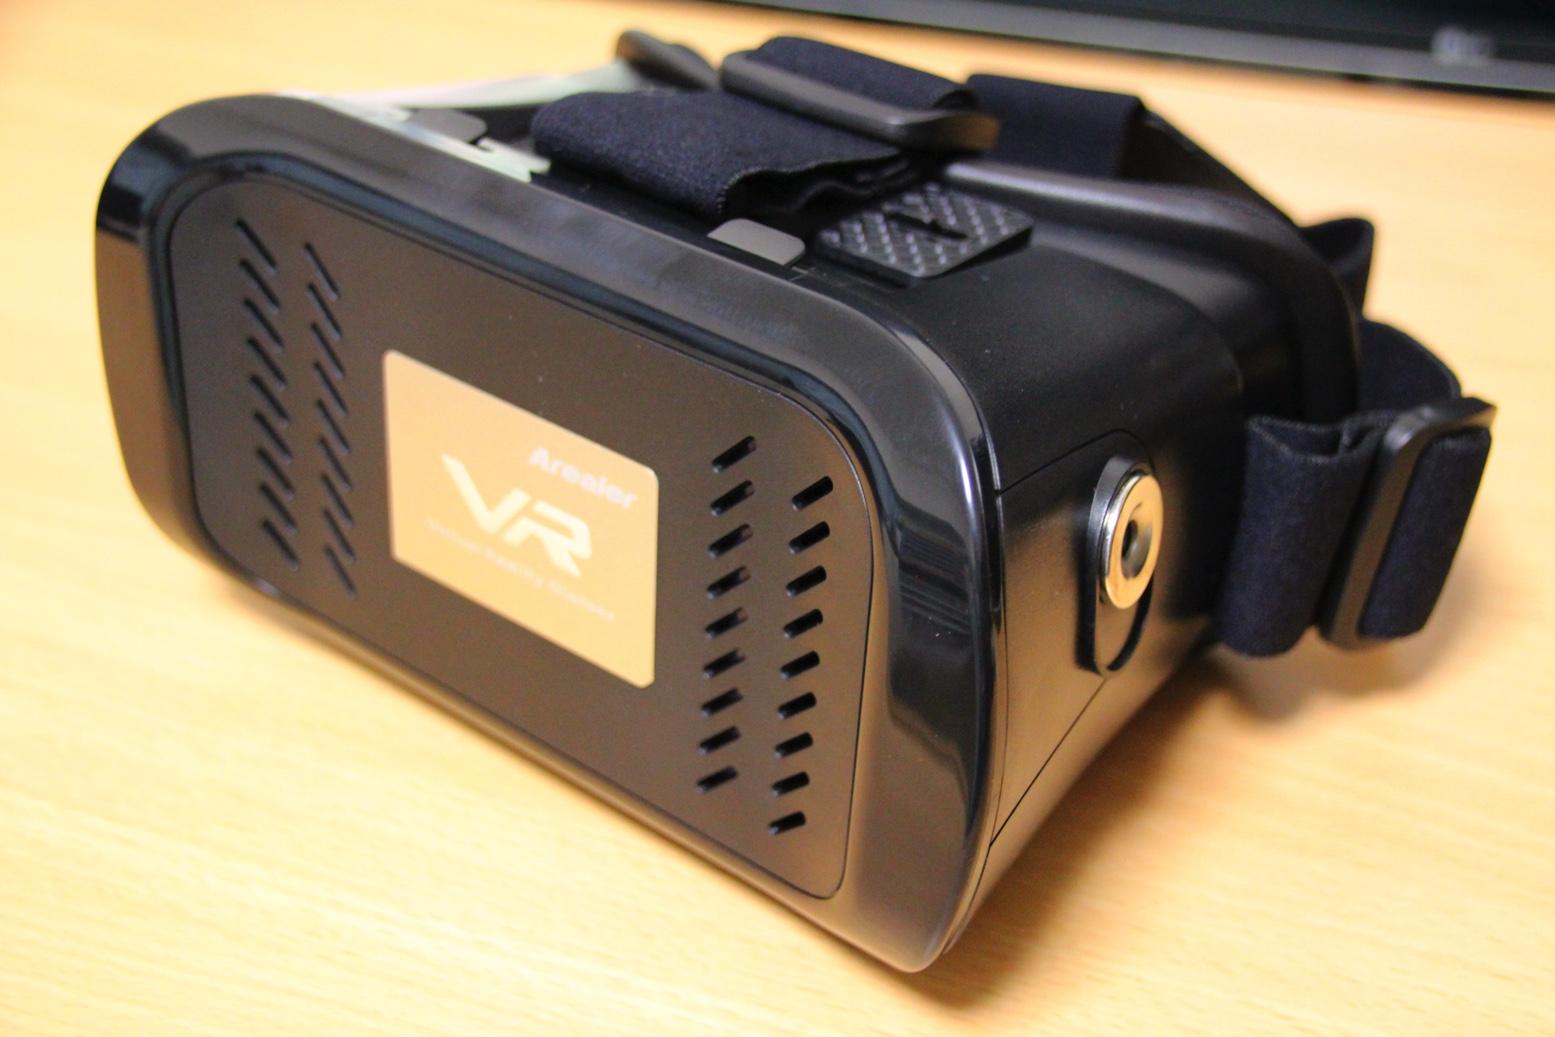 簡易VRゴーグルとしてはクオリティが高くコスパも良い。Arealer 3DVRゴーグルレビュー